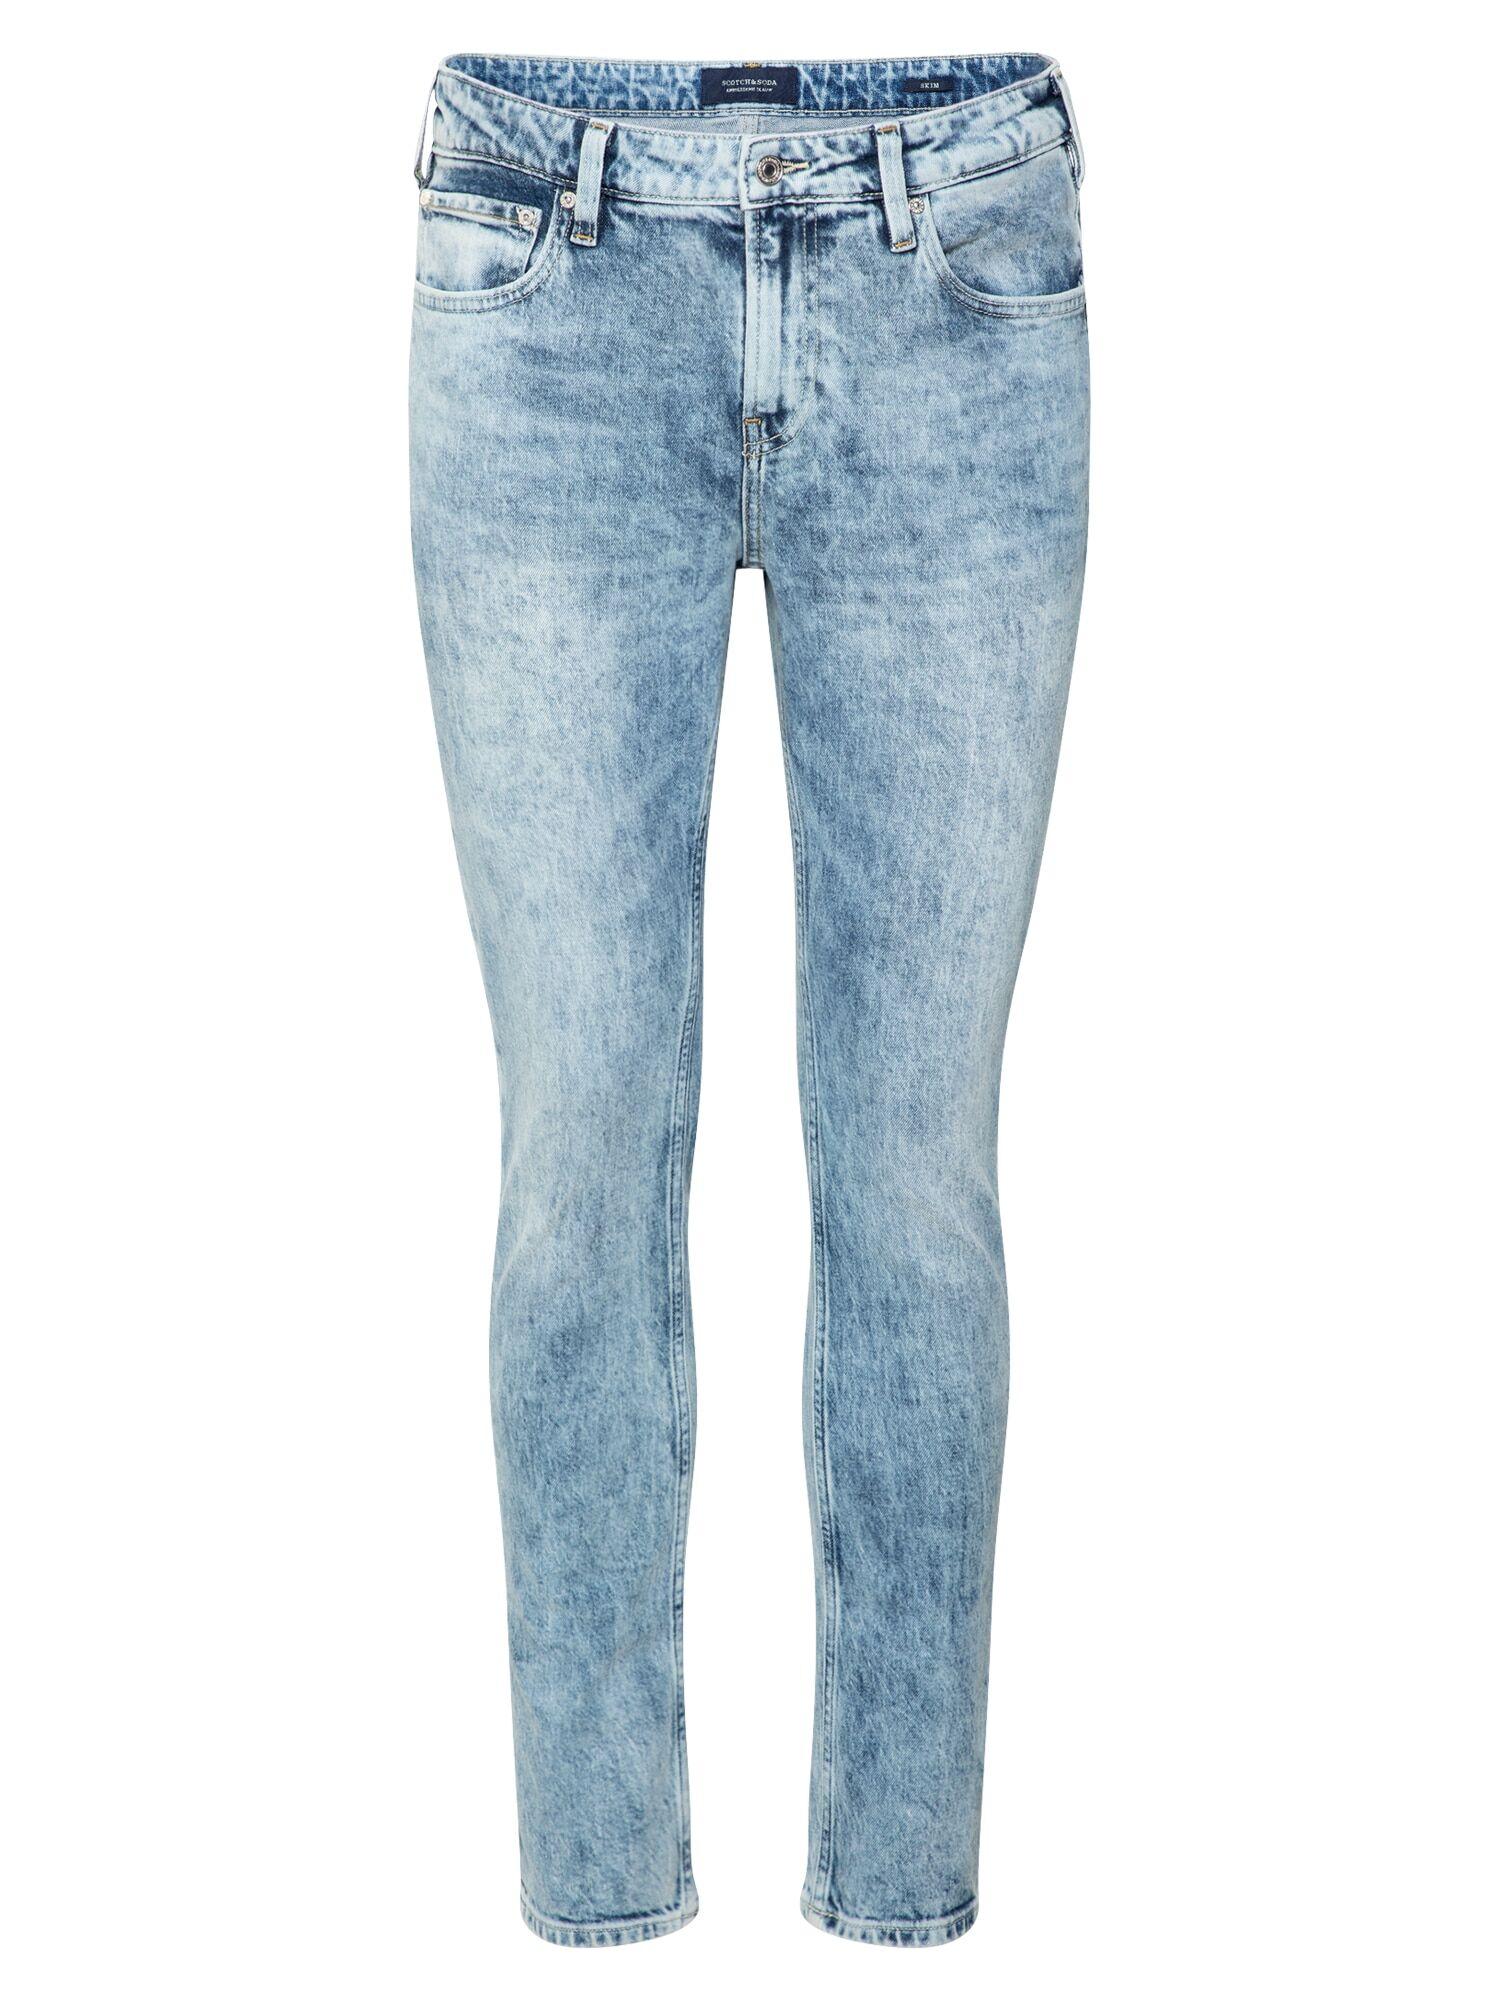 SCOTCH & SODA Jean 'Timeworn'  - Bleu - Taille: 33 - male